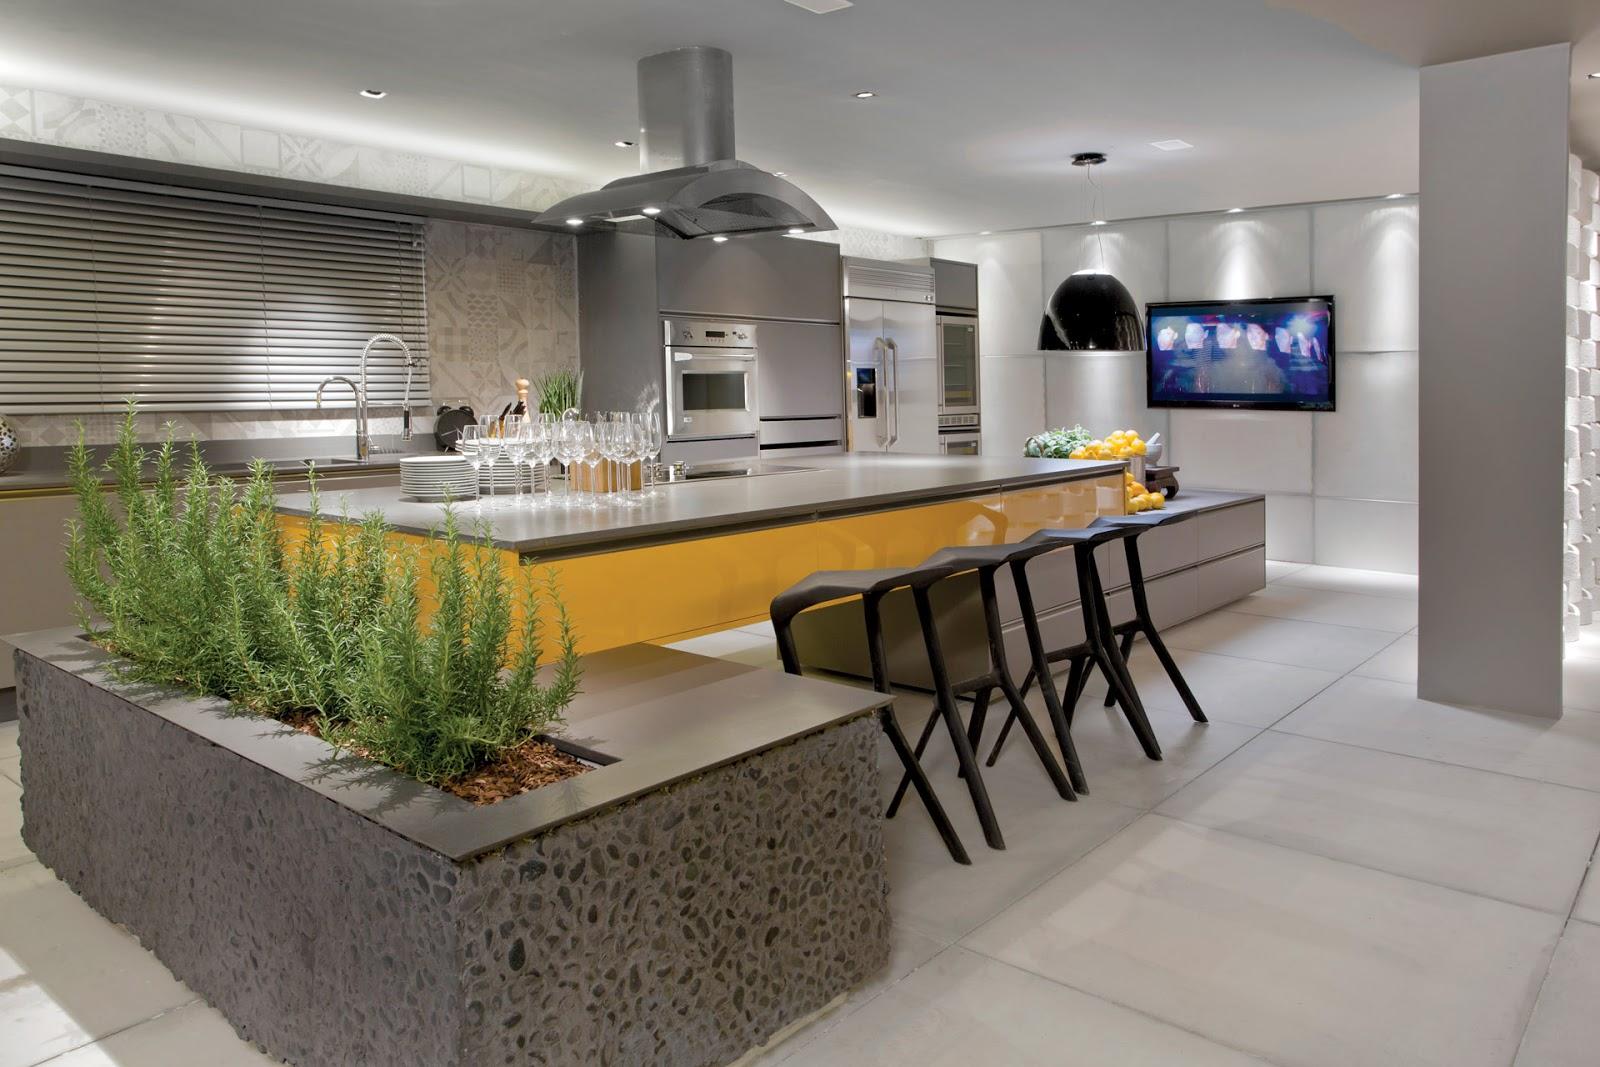 #A47627 Cozinha cinza com laminado melamínico amarelo. Detalhe para horta  1600x1067 px Projeto De Cozinha Industrial Hotel_4665 Imagens